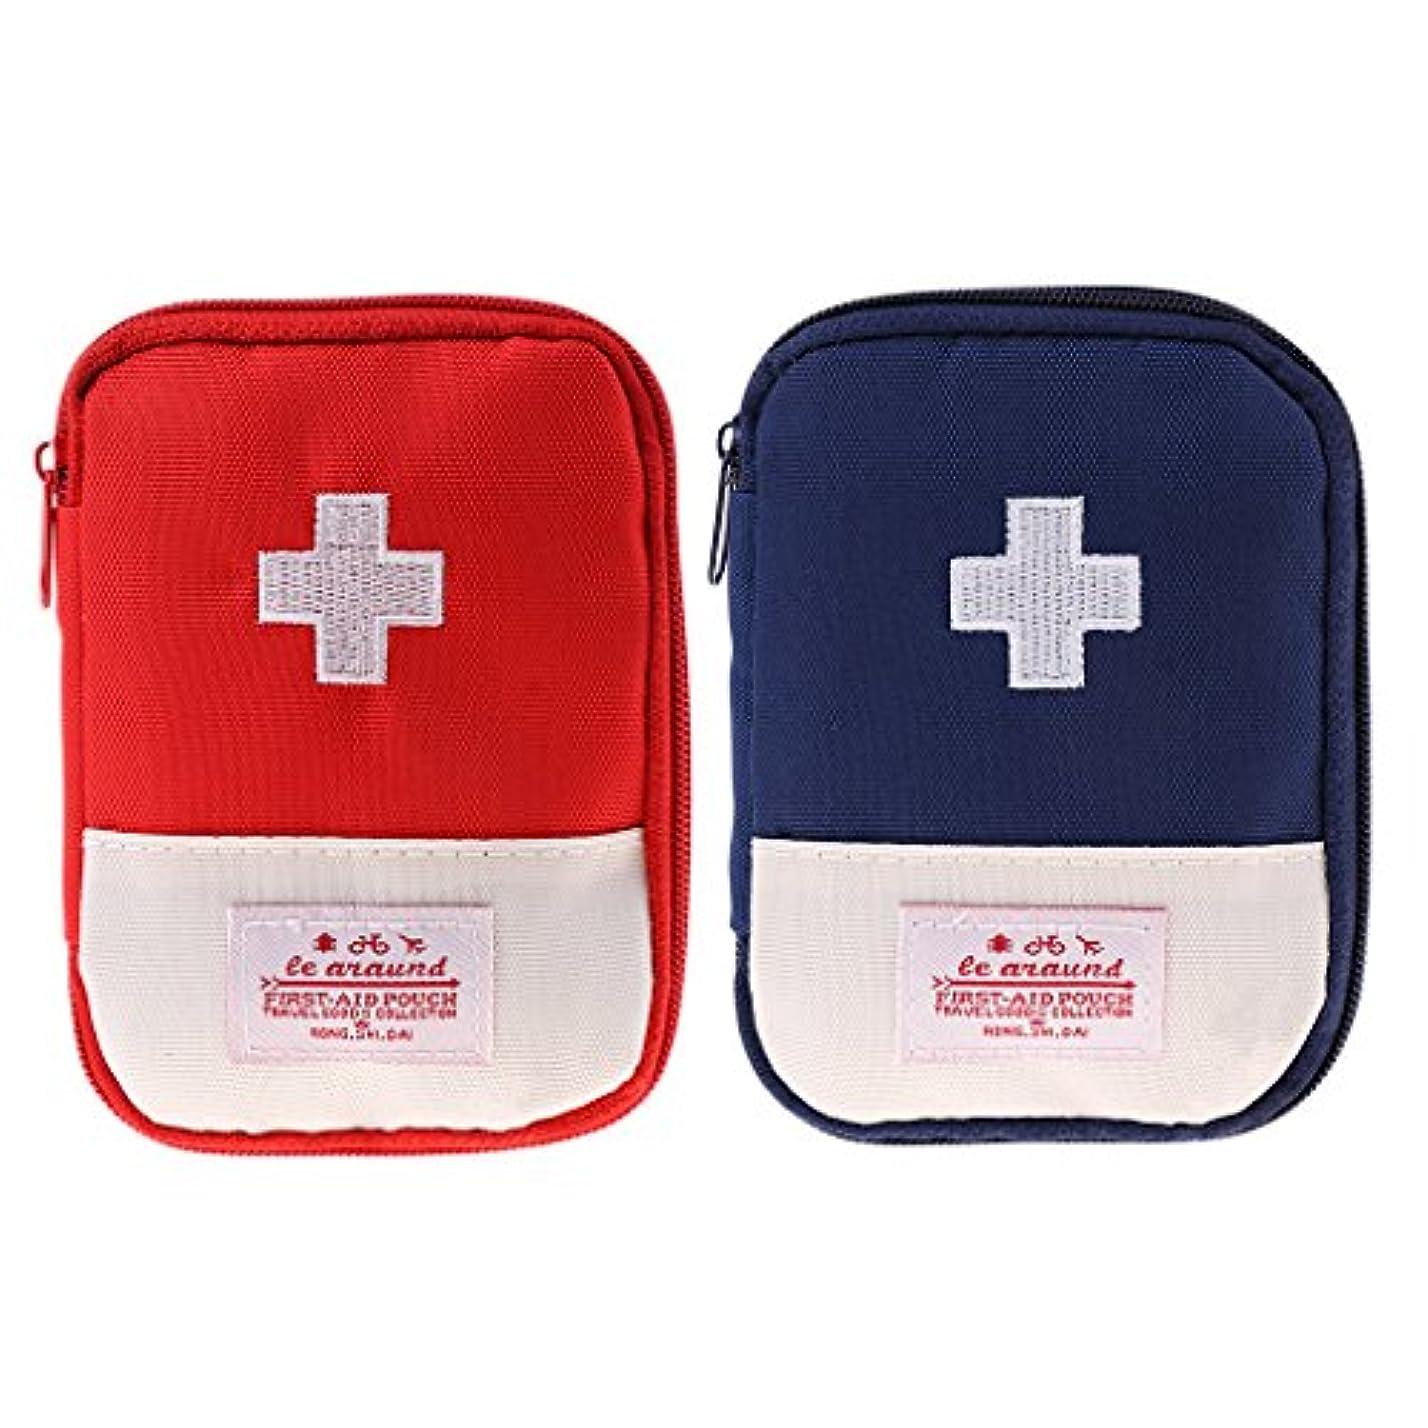 本質的ではない酸度のぞき穴Kesoto 2個 応急処置袋 パック 旅行 保管袋 応急救急用 ピルバッグキット 応急処置 メッシュポケット